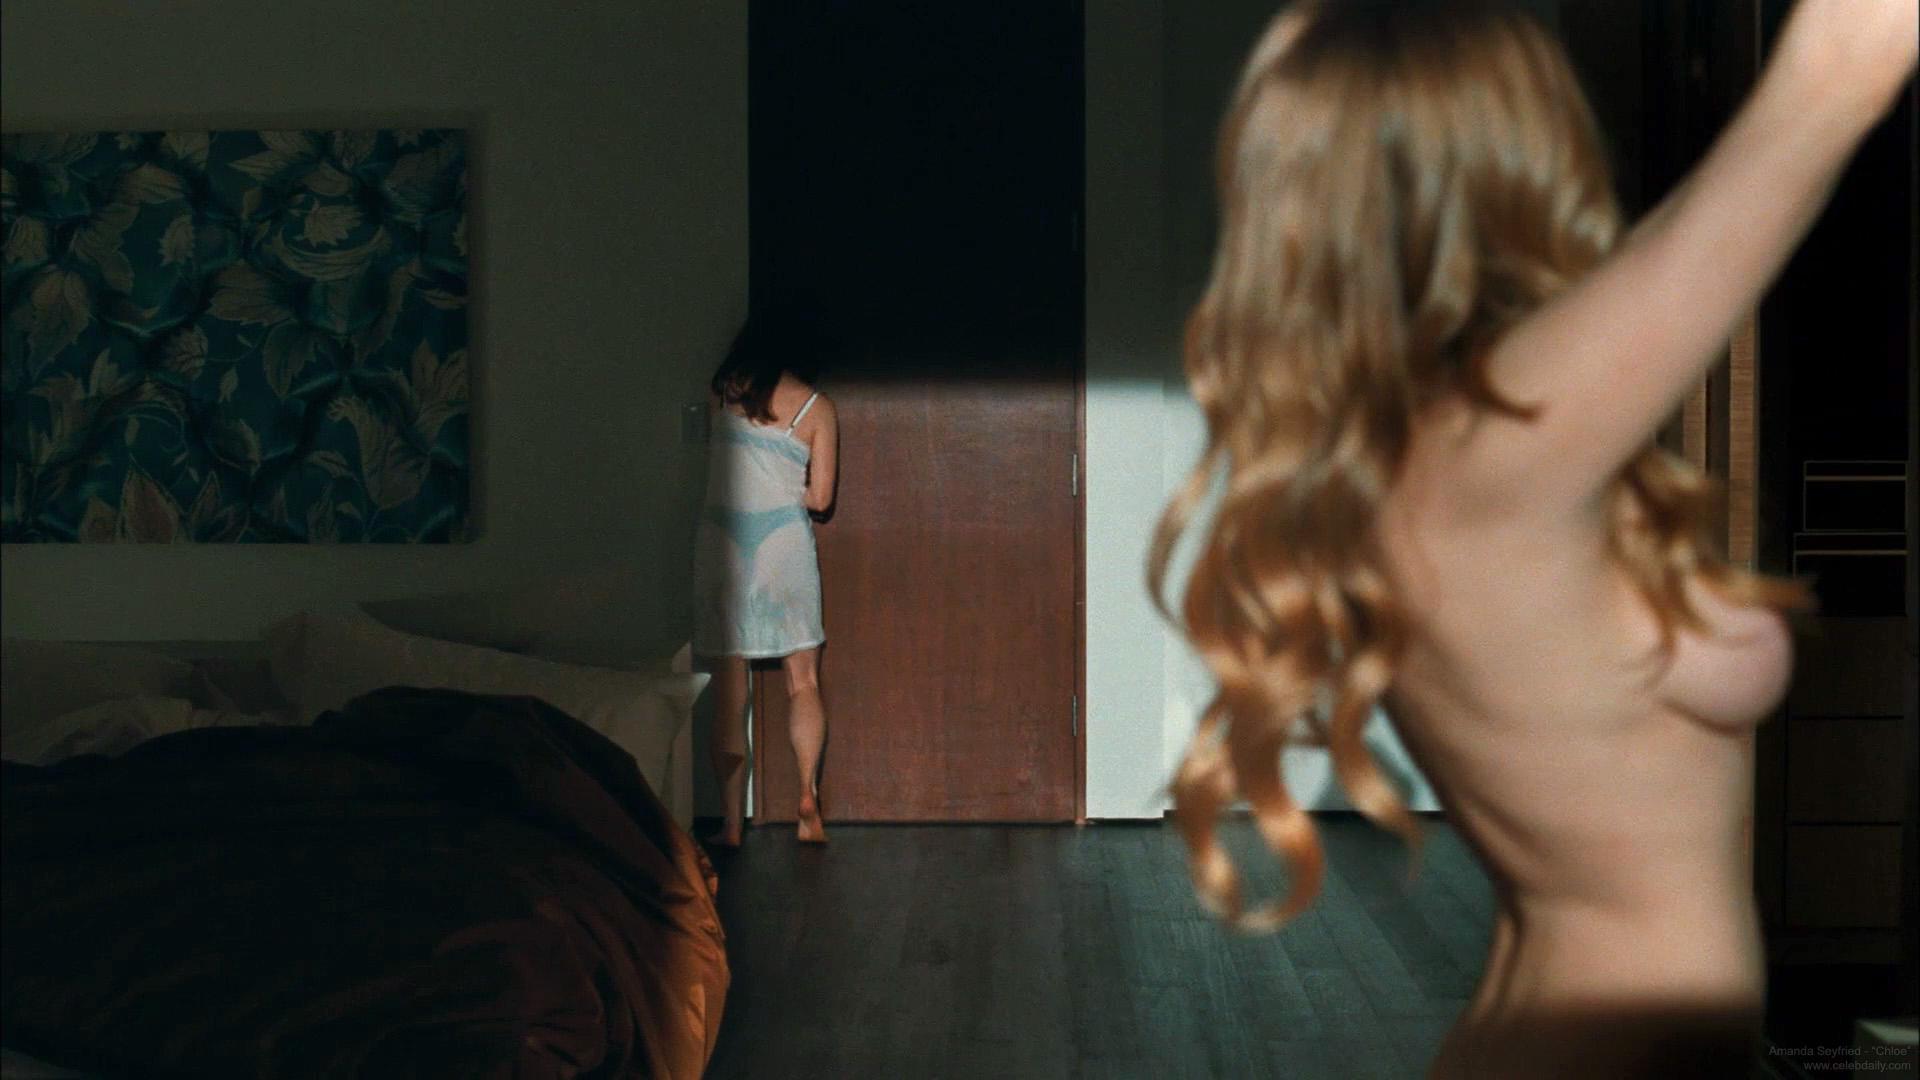 eroticheskoe-video-s-amandoy-seyfrid